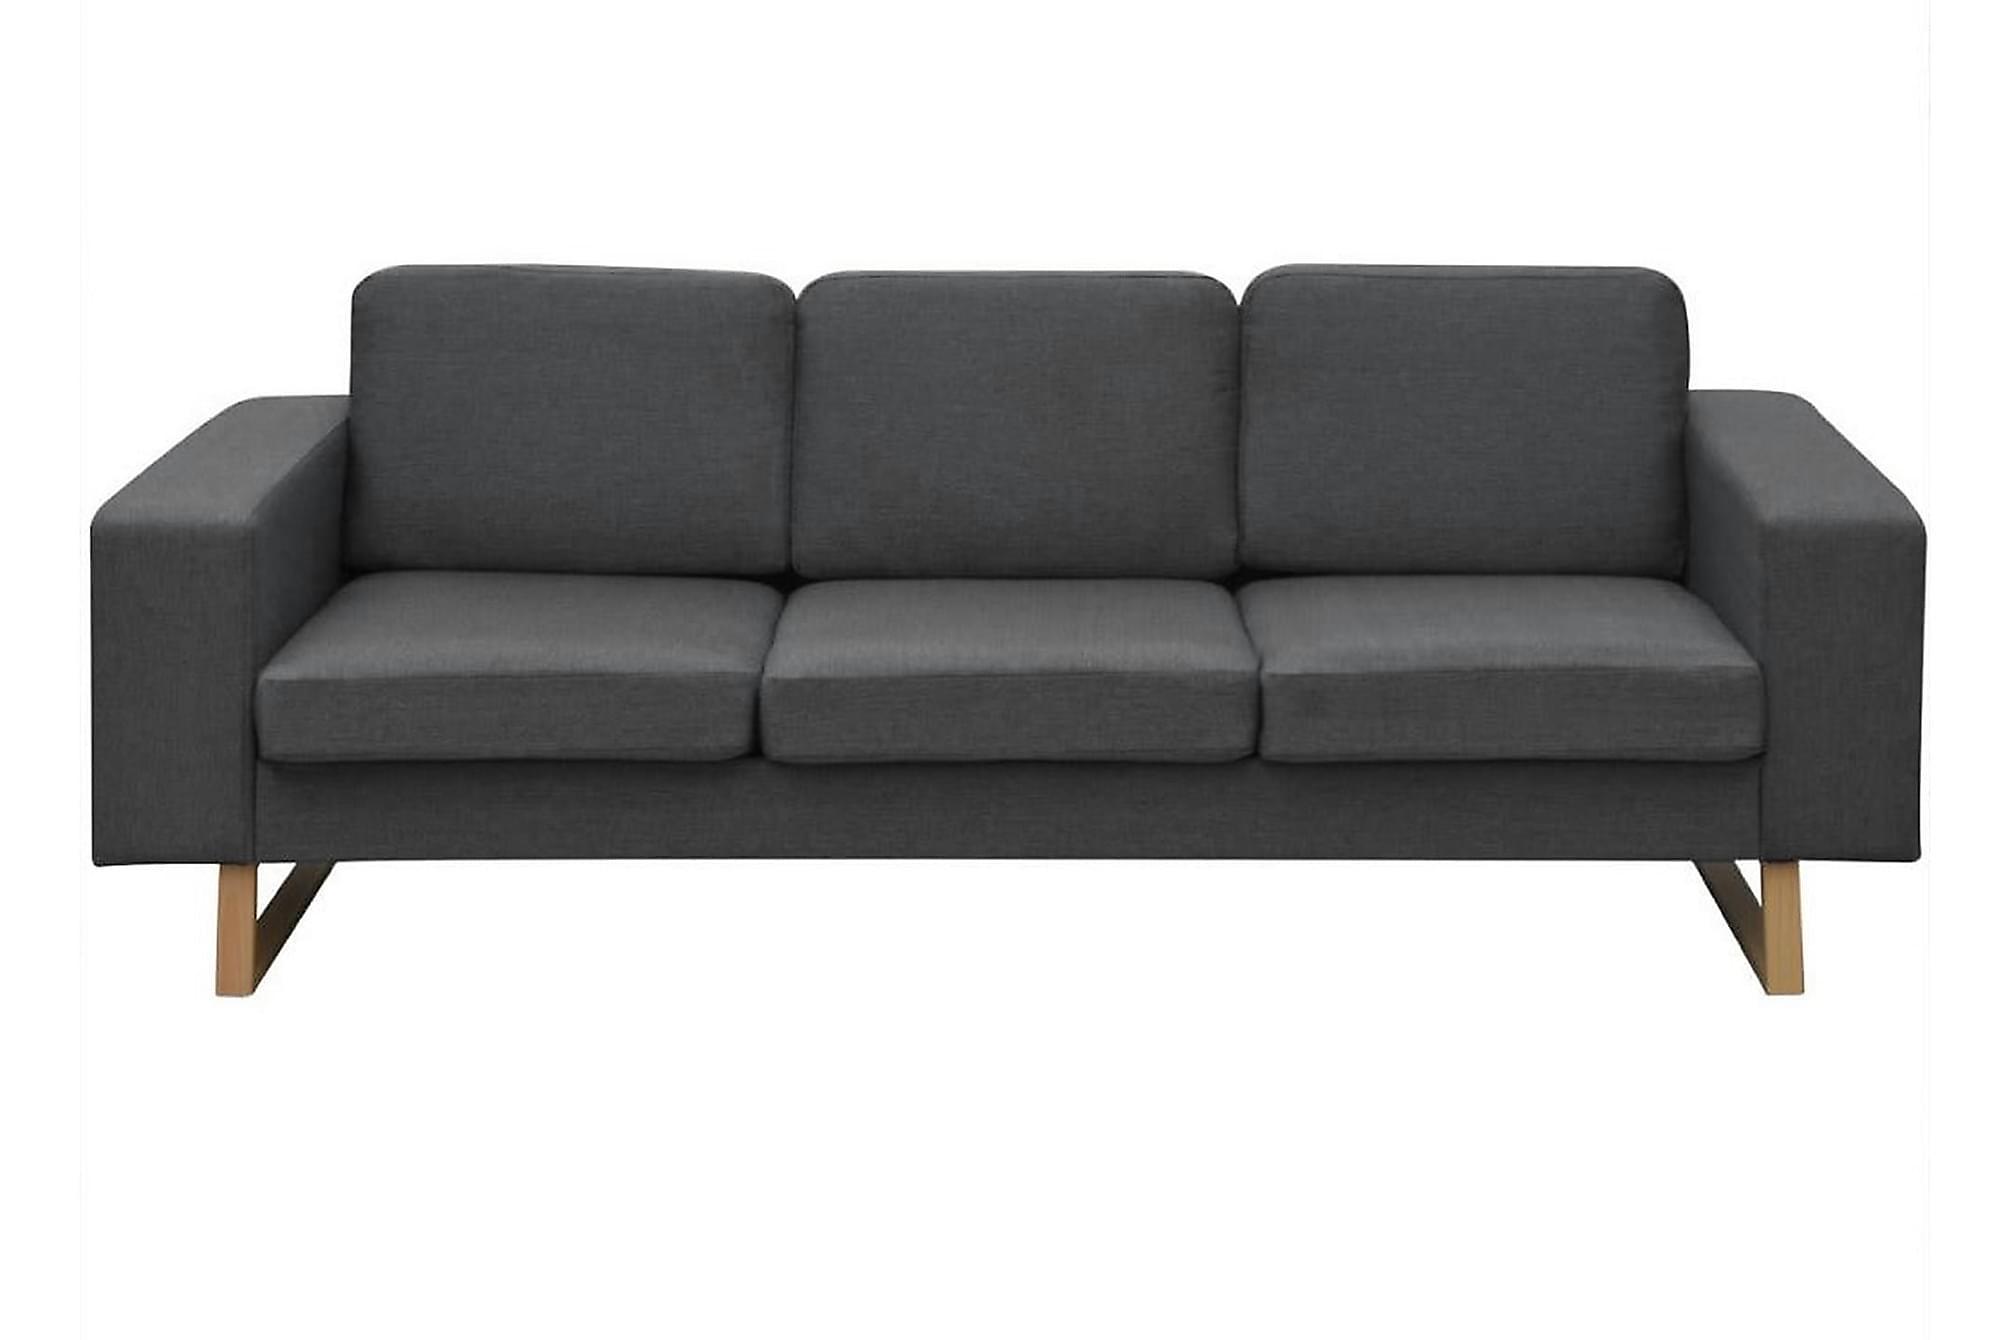 Soffgrupp med 2-sits och 3-sits mörkgrå